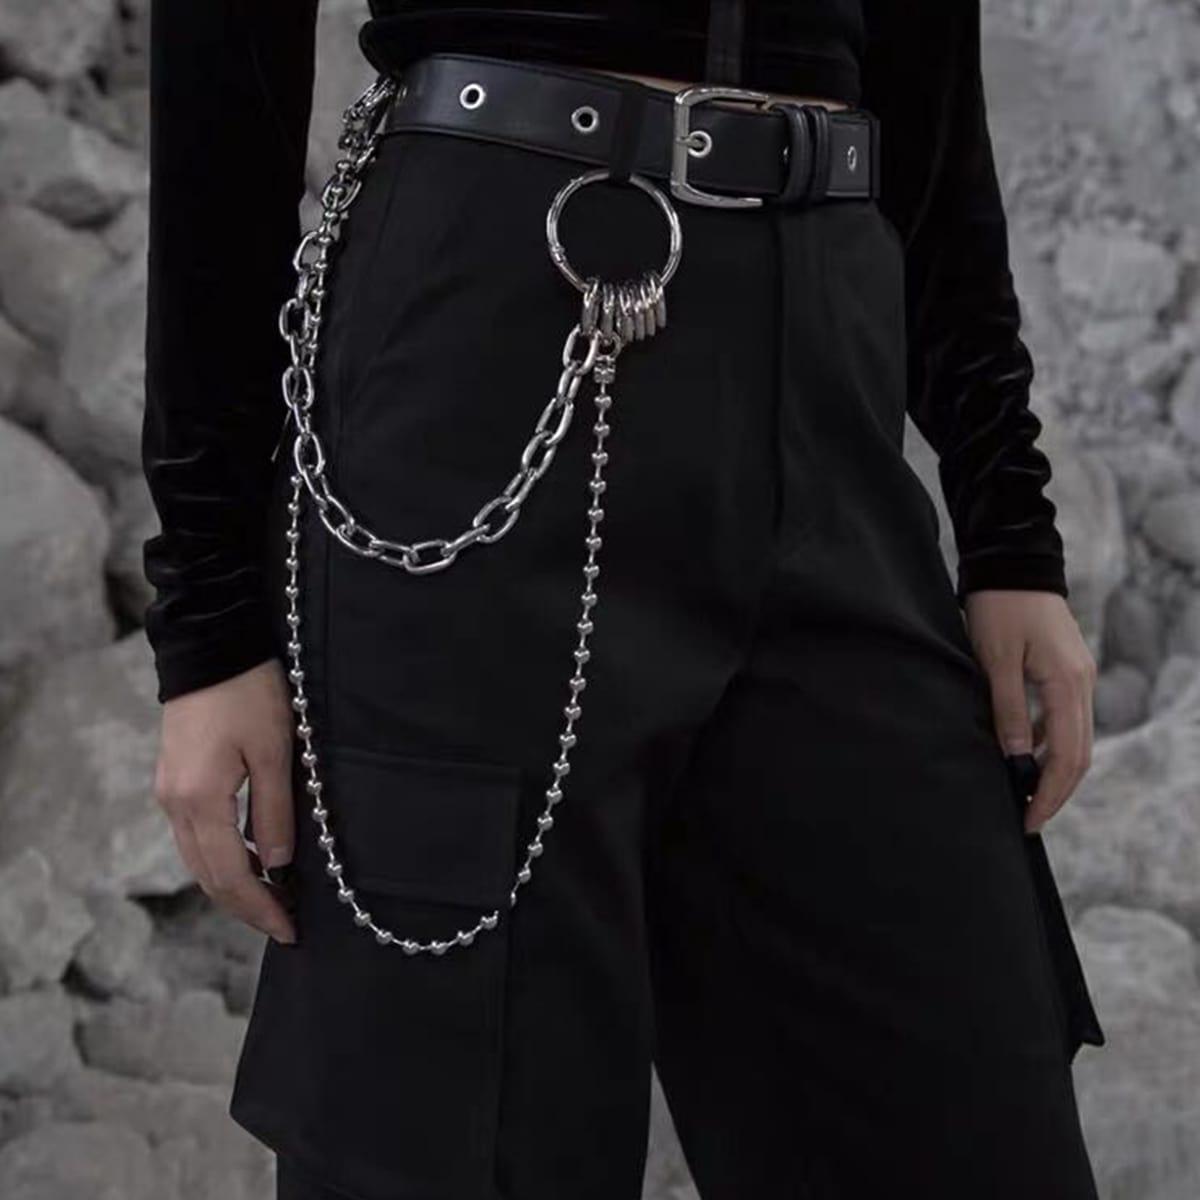 Мужская многослойная цепочка для брюк